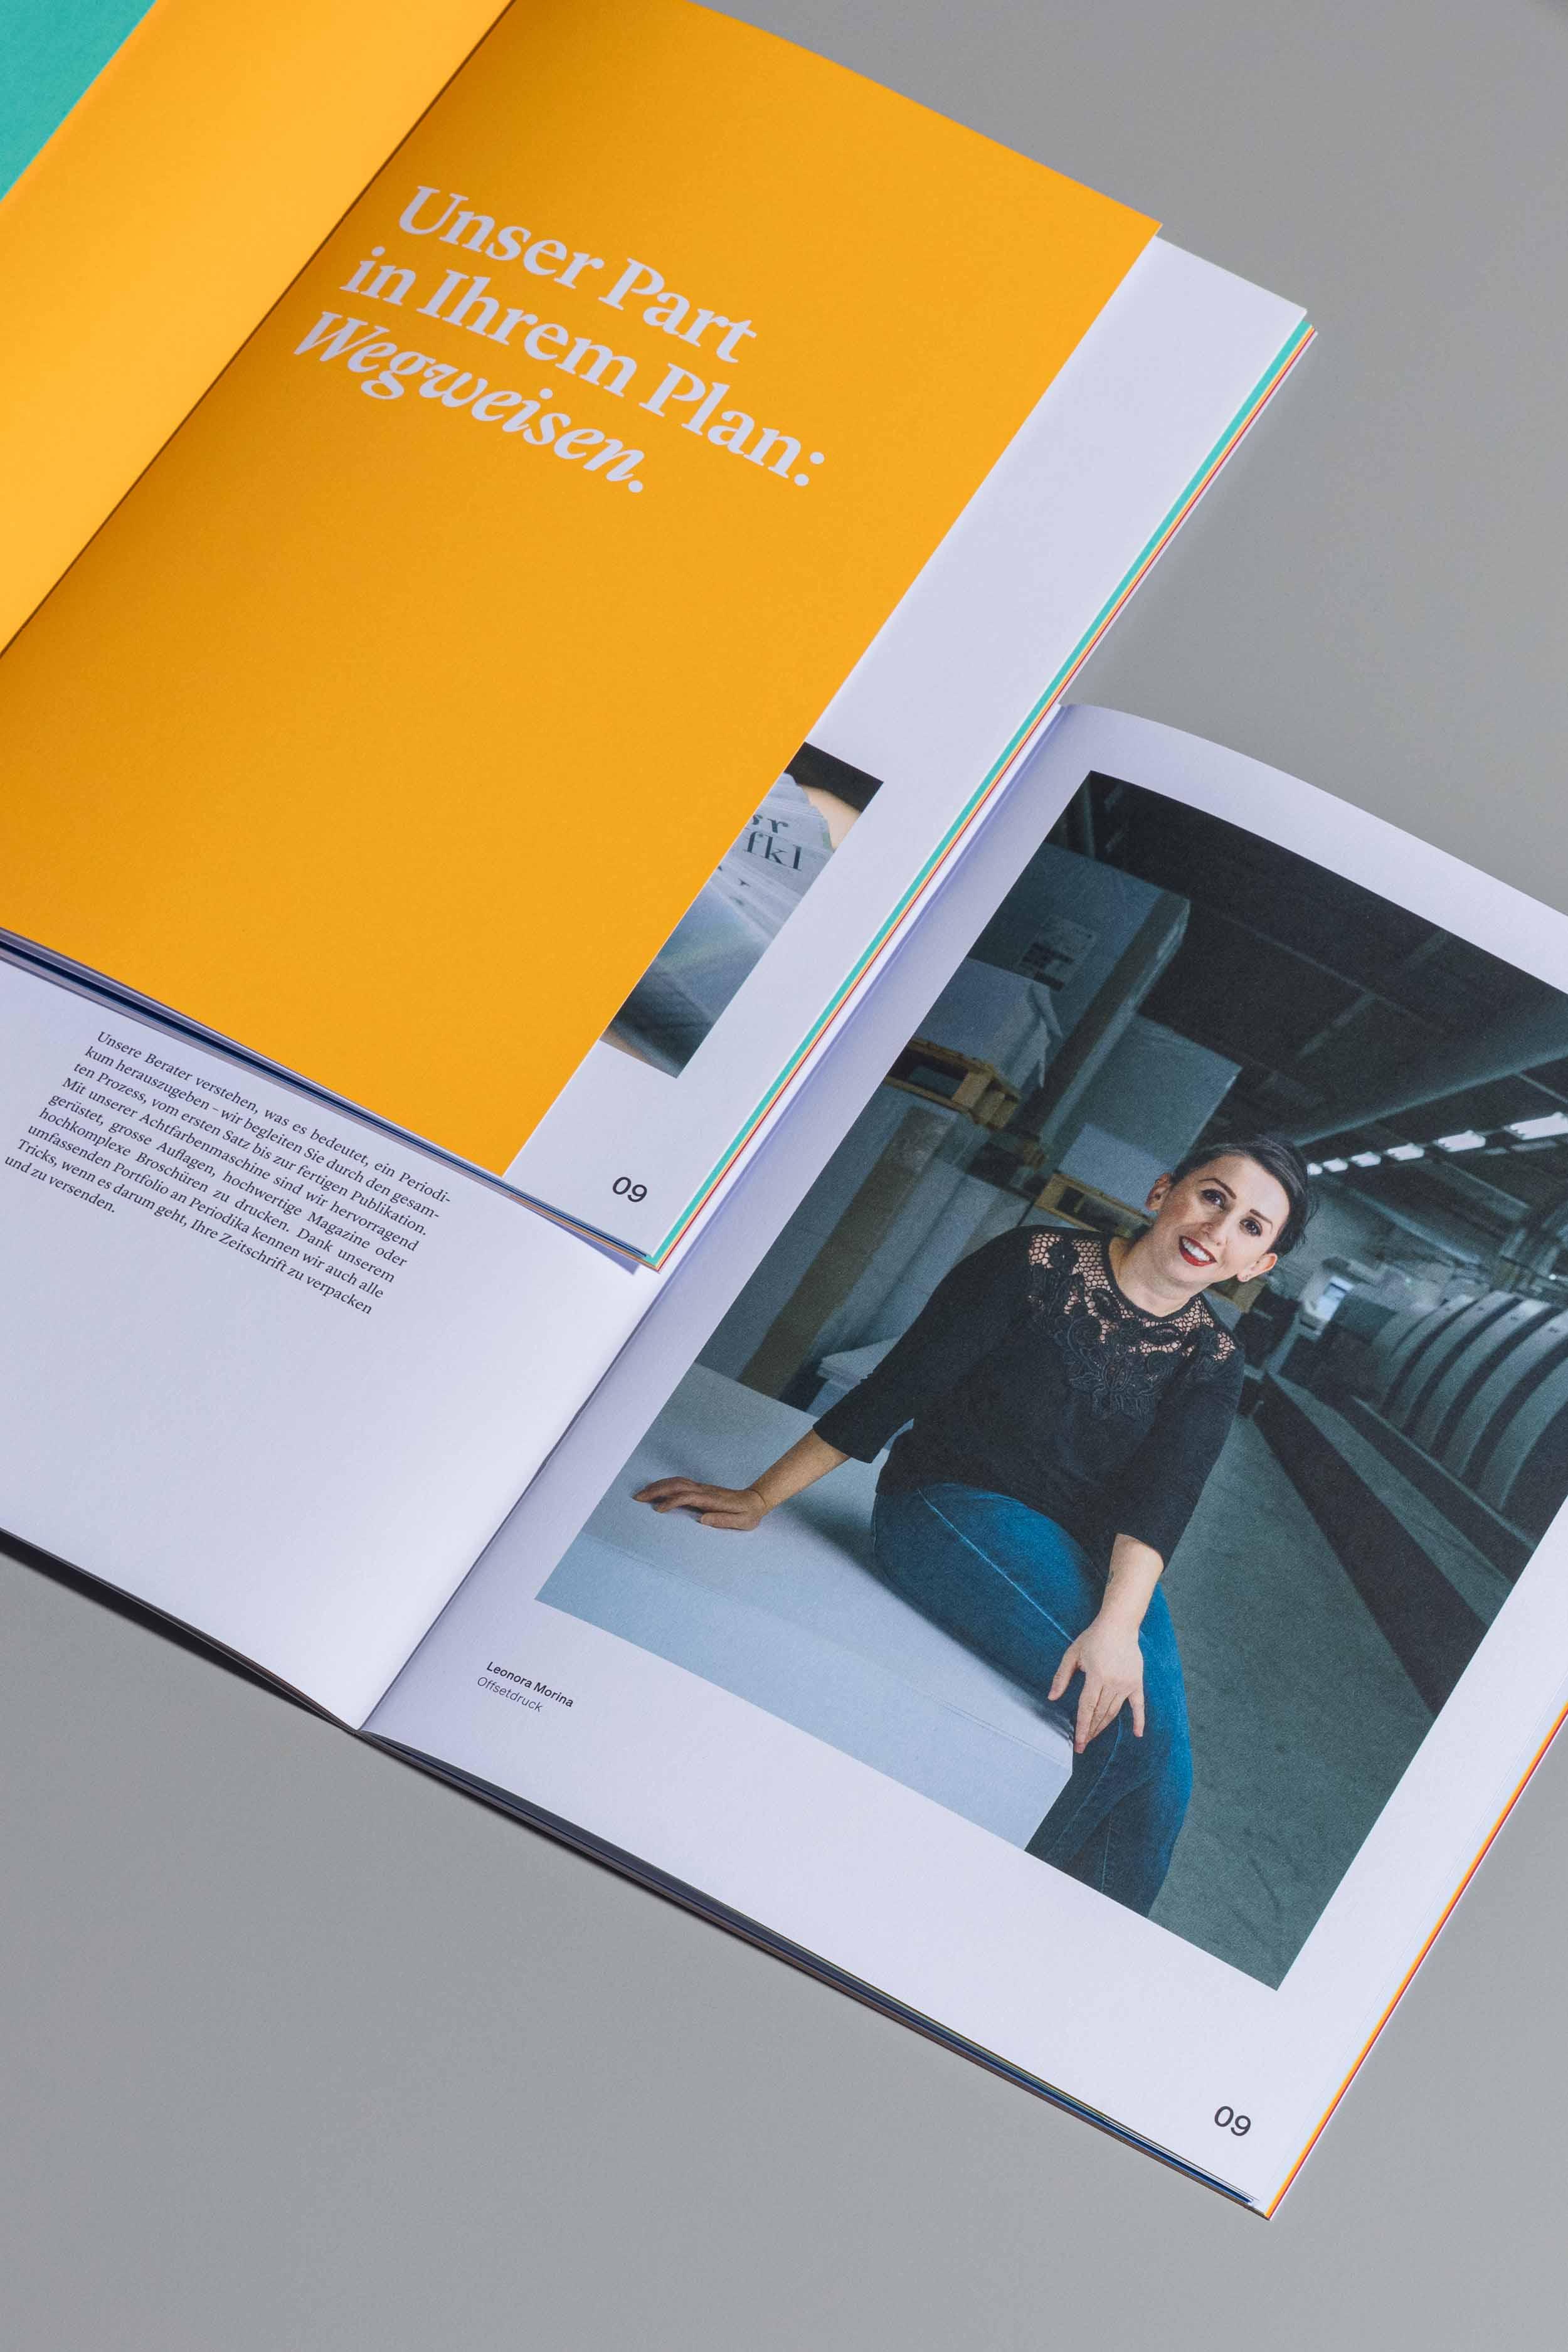 Farbig bedruckte Innenseiten der Imagebroschüre für Jordi AG, übereinander liegend auf grauem Hintergrund